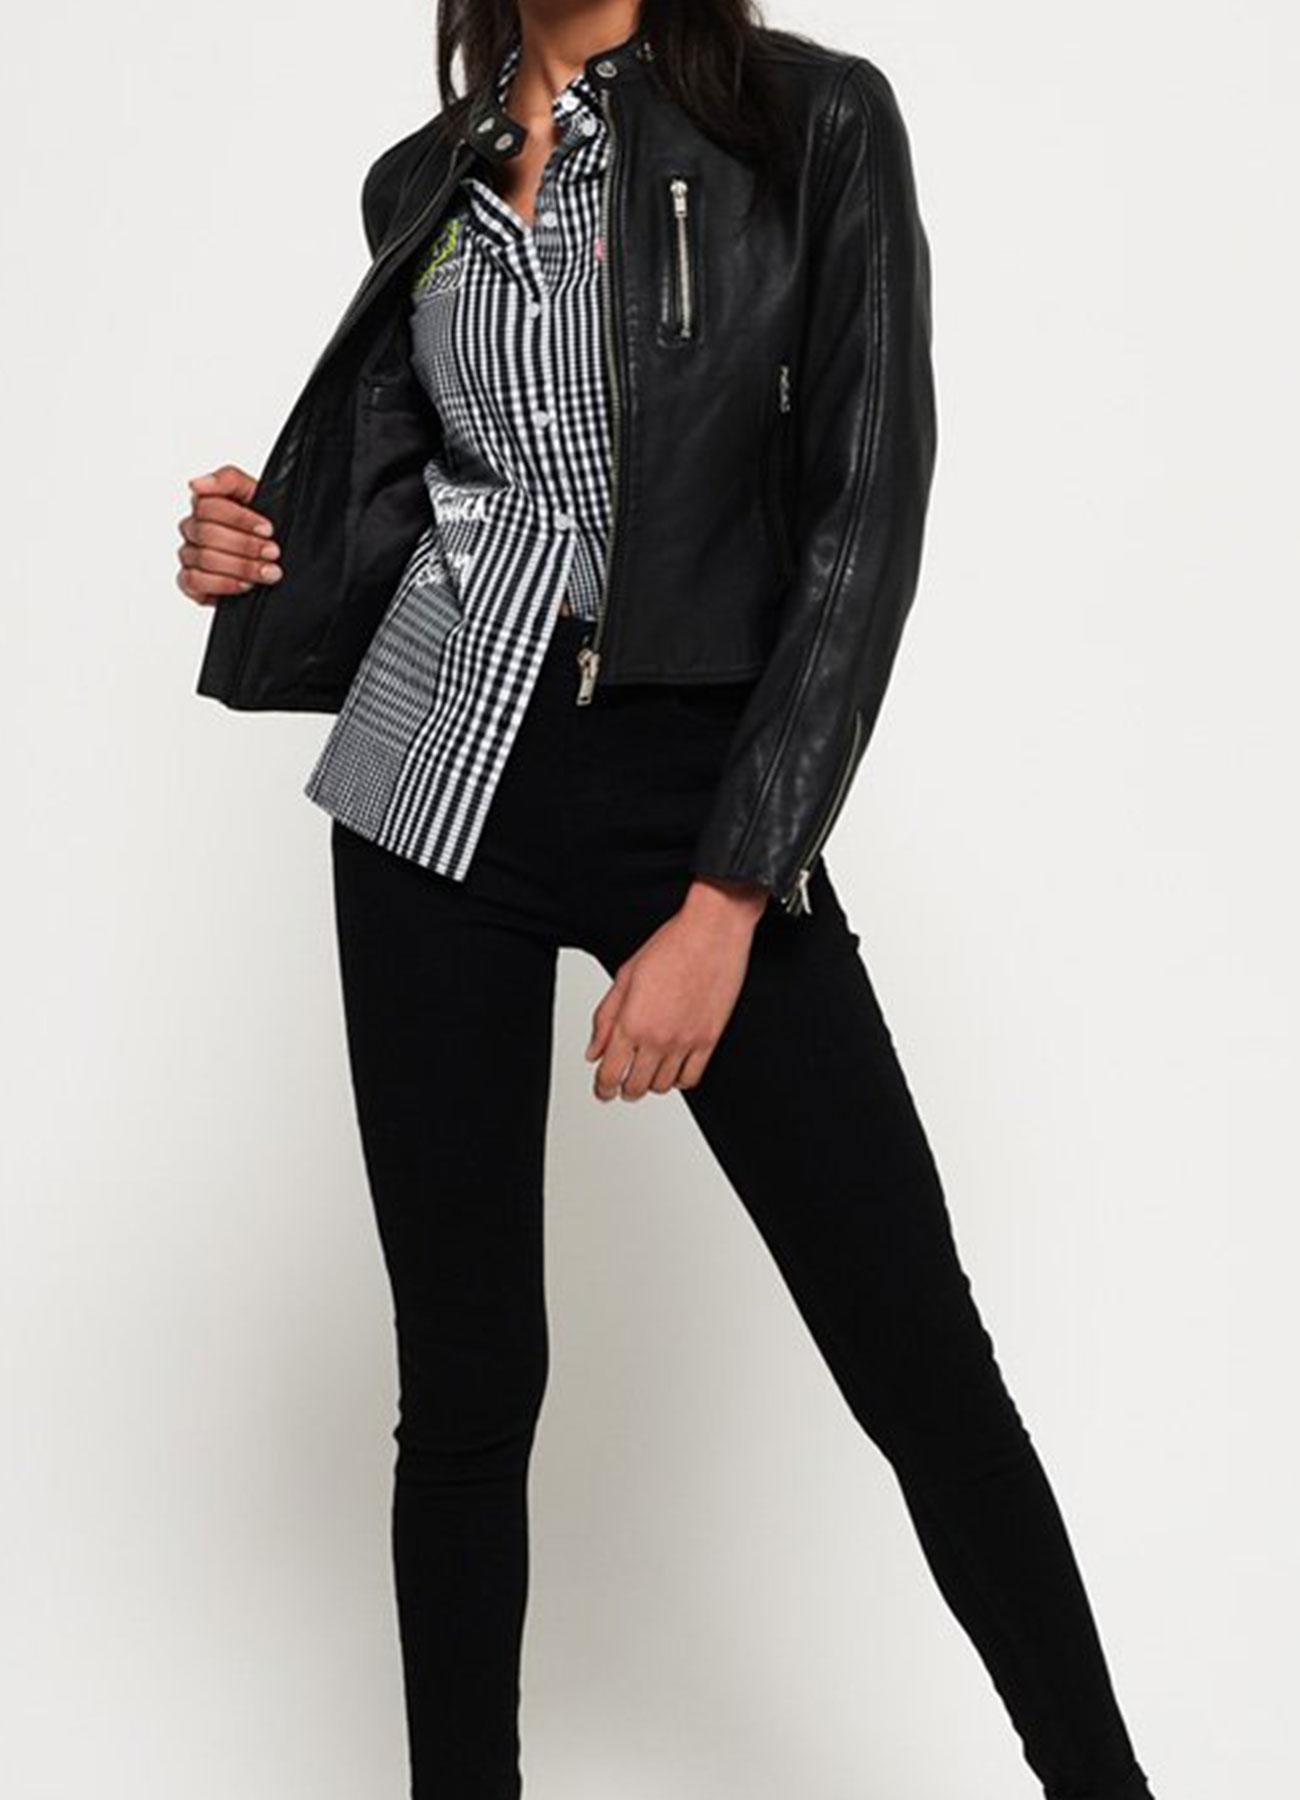 Stylish Women's Black Racer Jacket Faux Leather